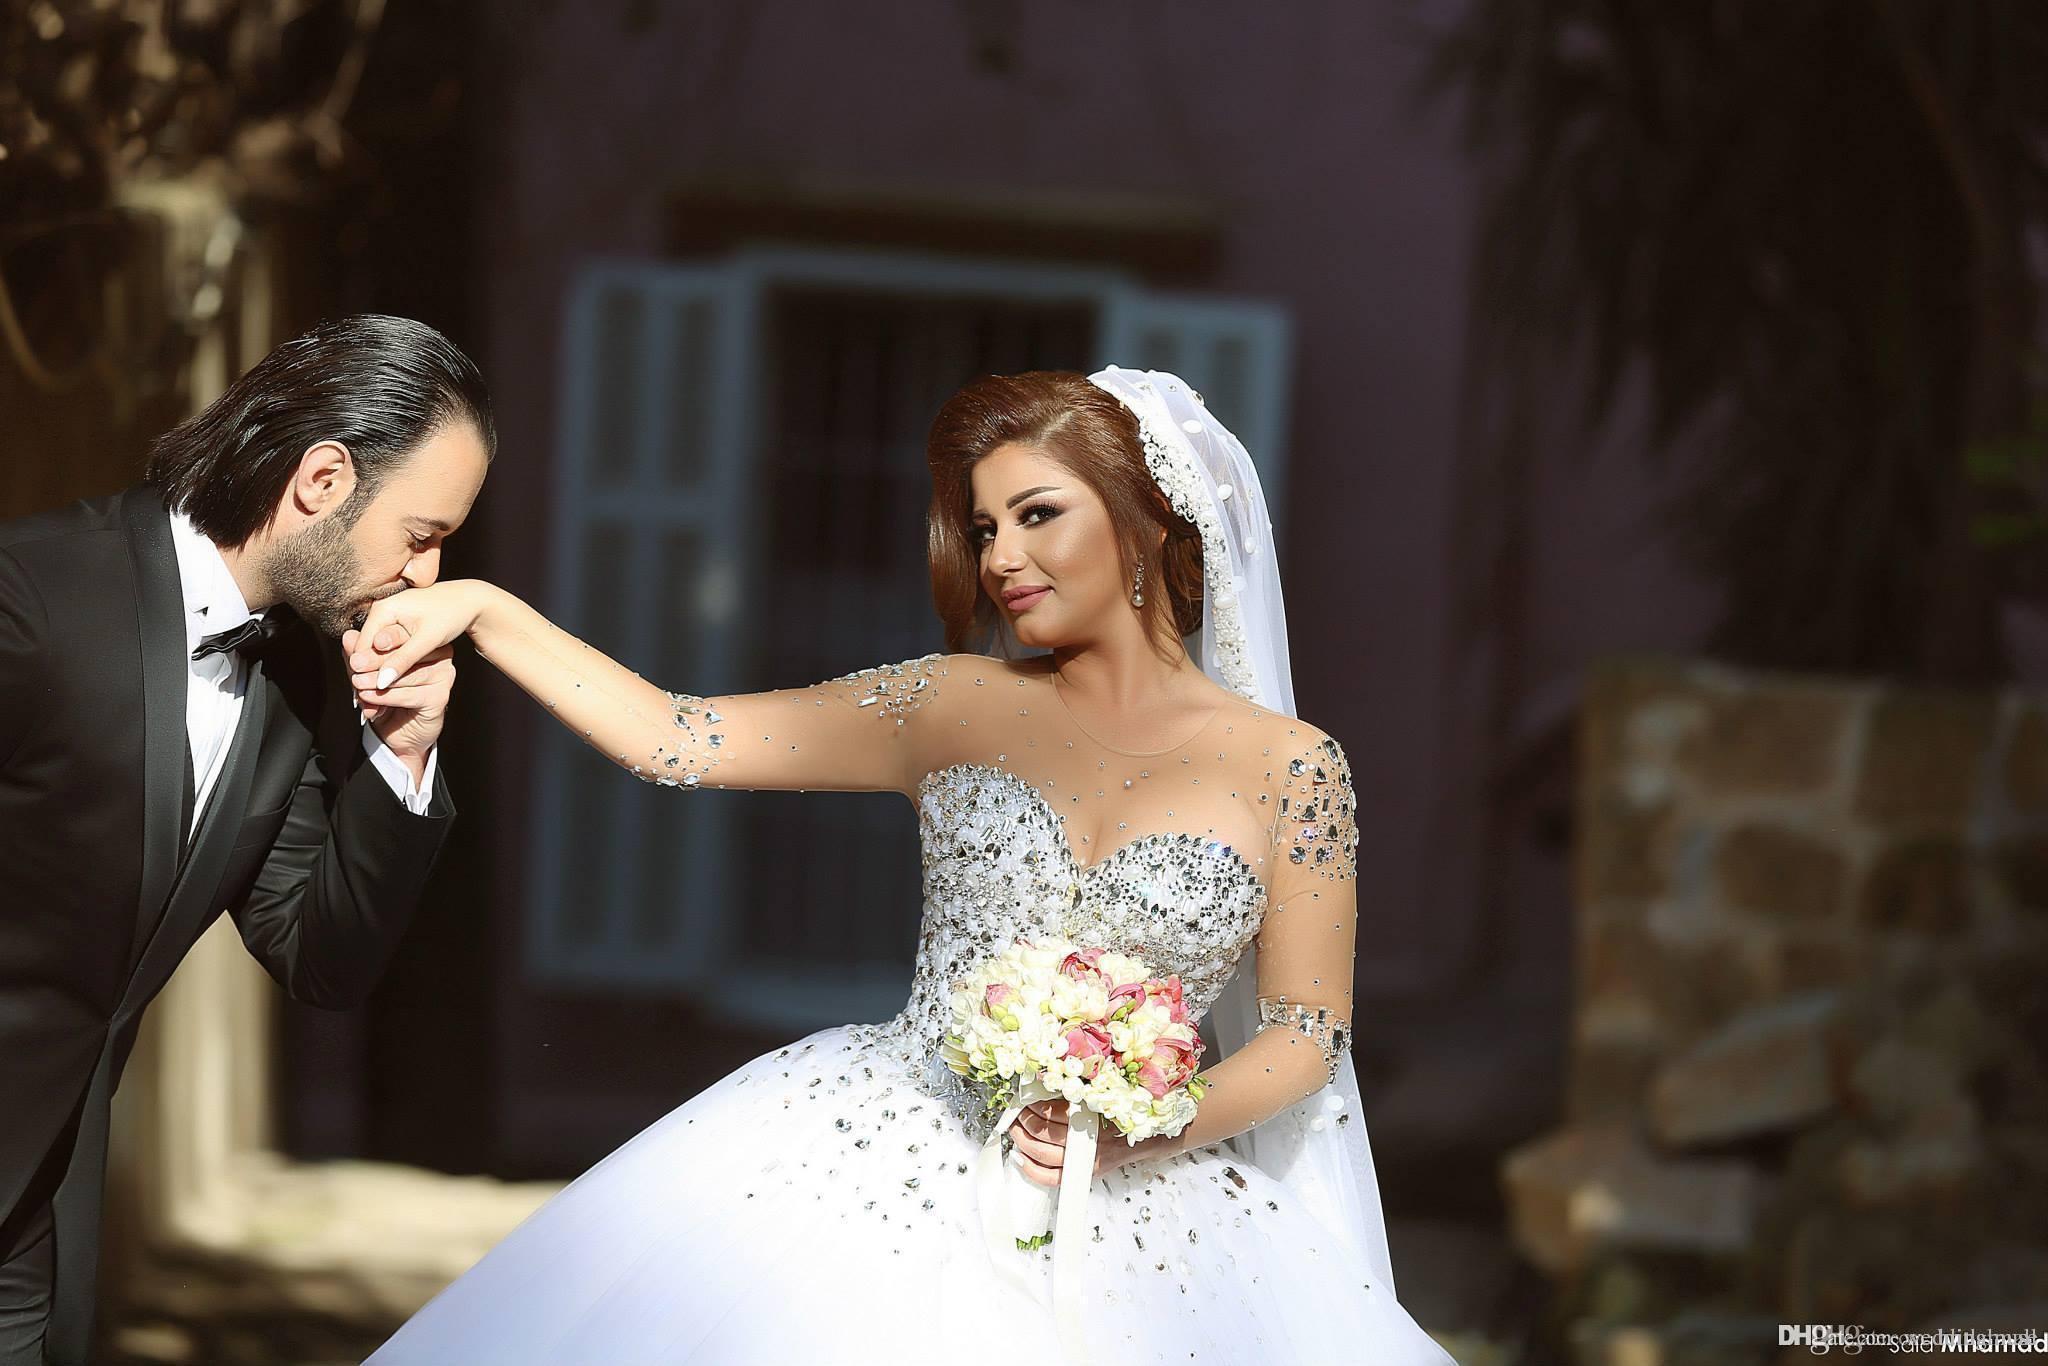 무거운 크리스탈 구슬로 만드는 긴 소매를 아프리카 결혼 예복 투명한 목 튤 라인 신부 드레스티 웨딩 드레스 드레스 novia